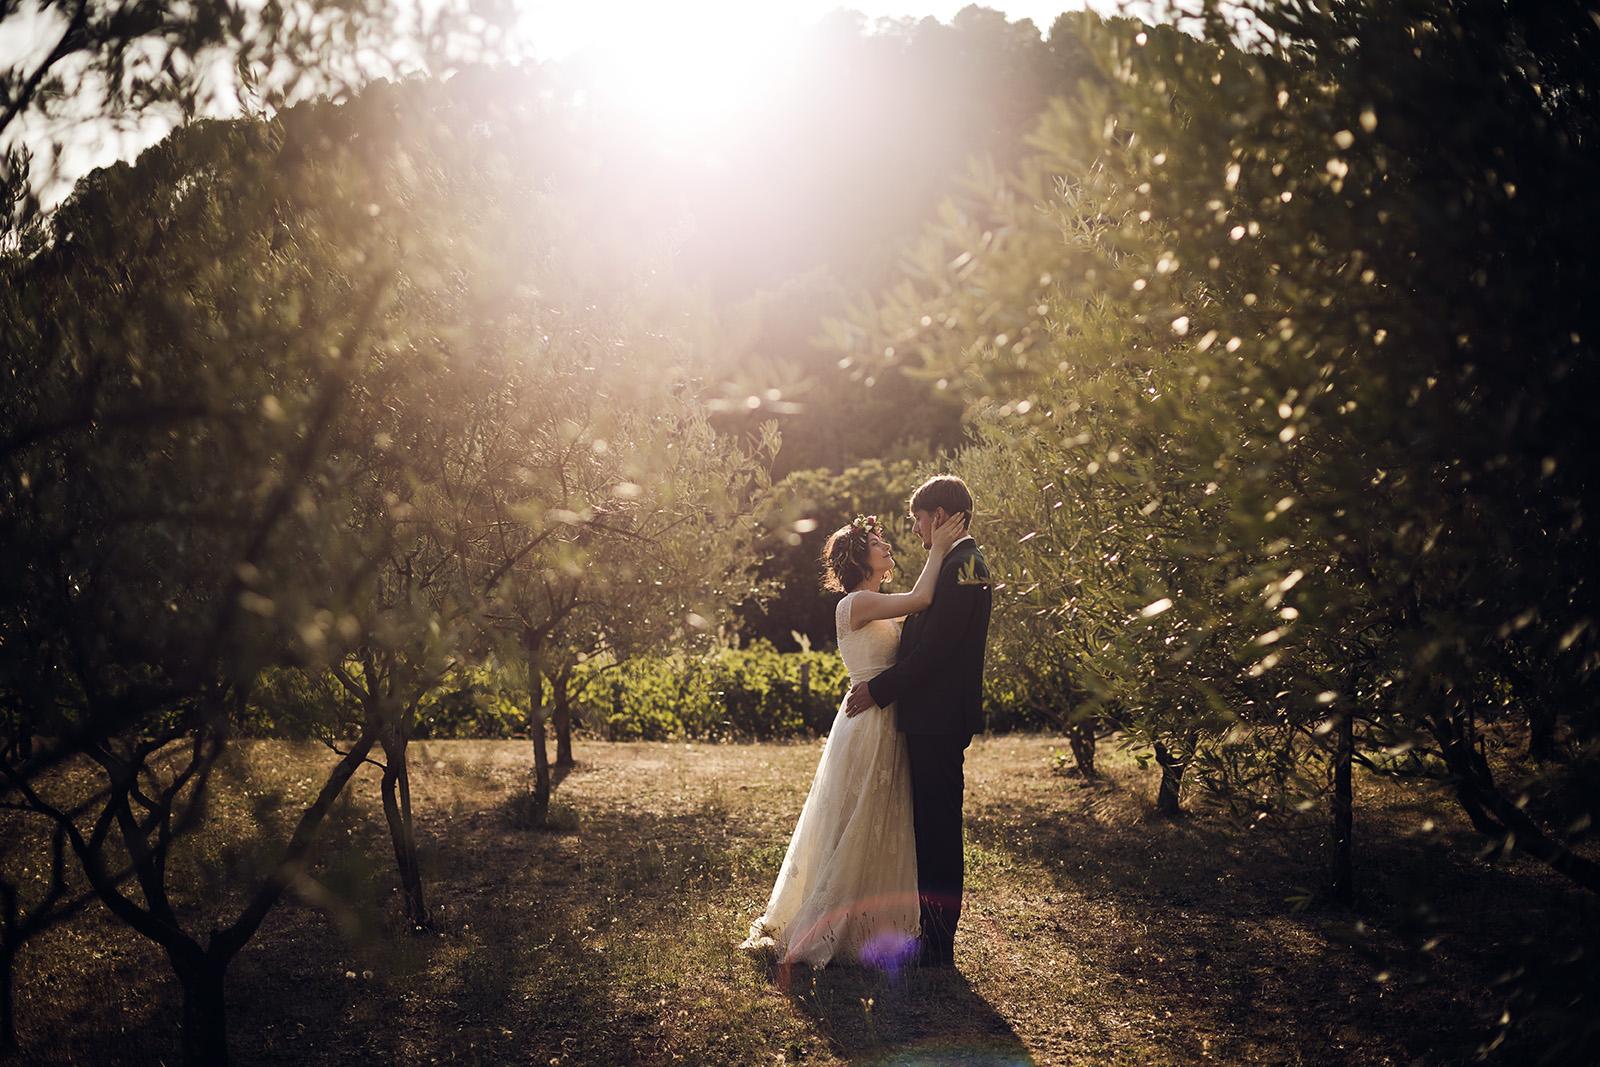 photo-mariage-photographe-wedding-photographer-aubenas-privas-ardeche-auvergne-rhone-alpes-soiree-reportage-lyon-couple-seance-photo-boheme-3